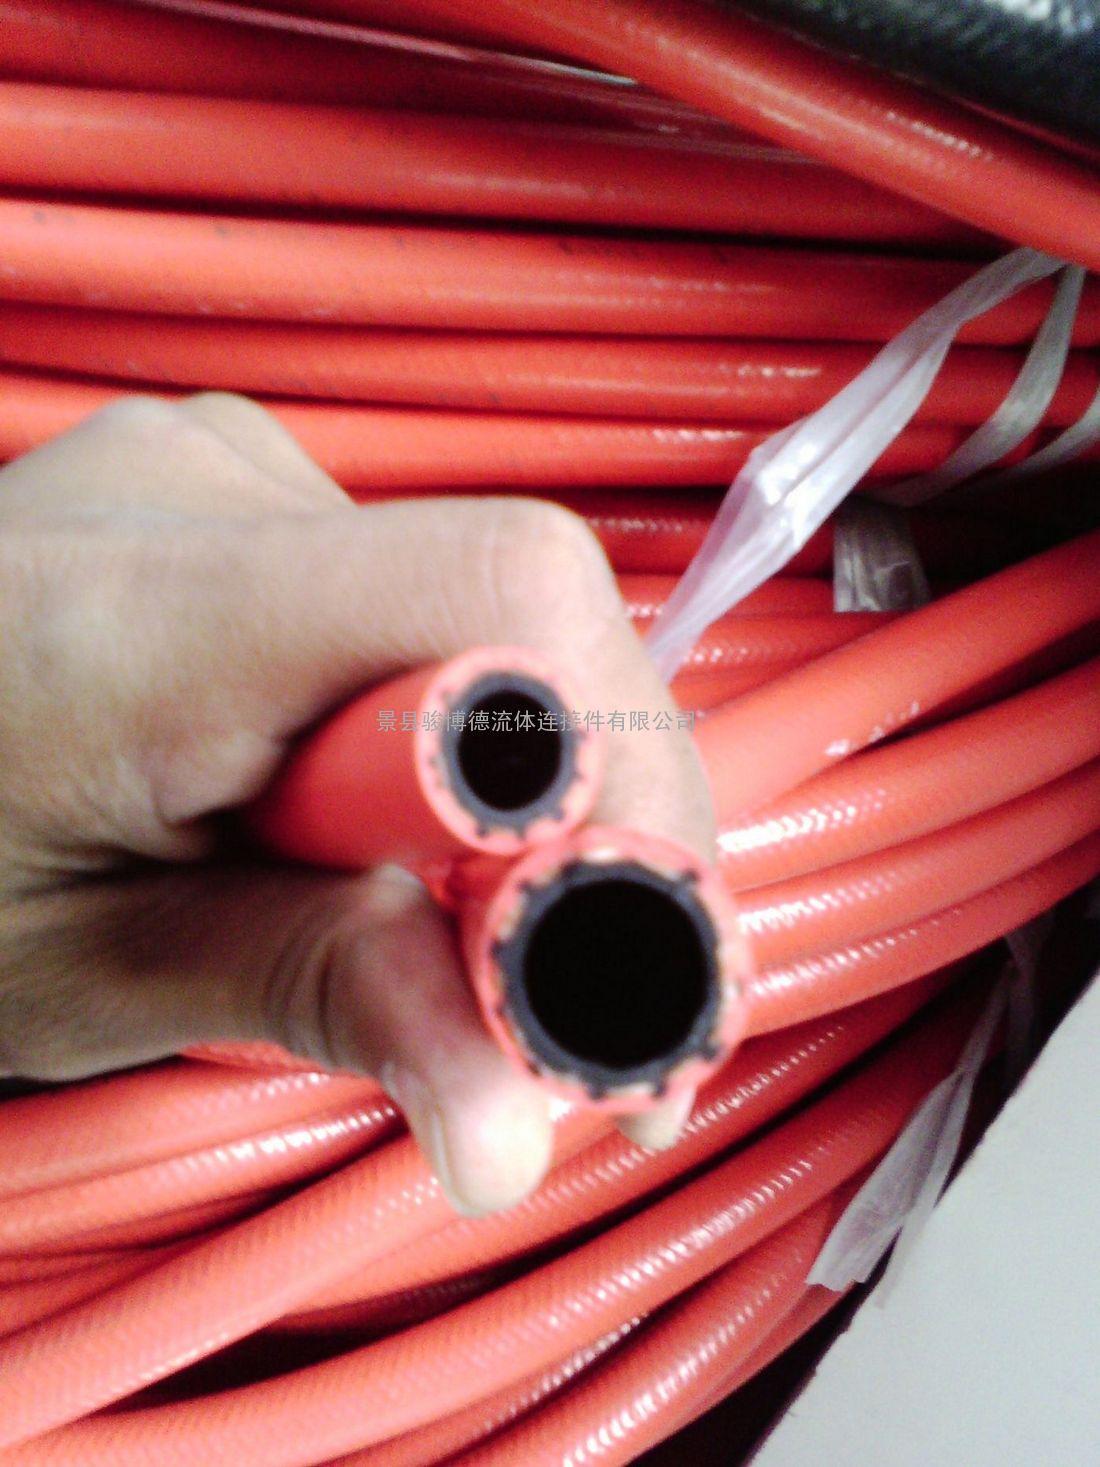 供应聚酯线胶管,纤维编织胶管,厂家直销。棉线编织胶管